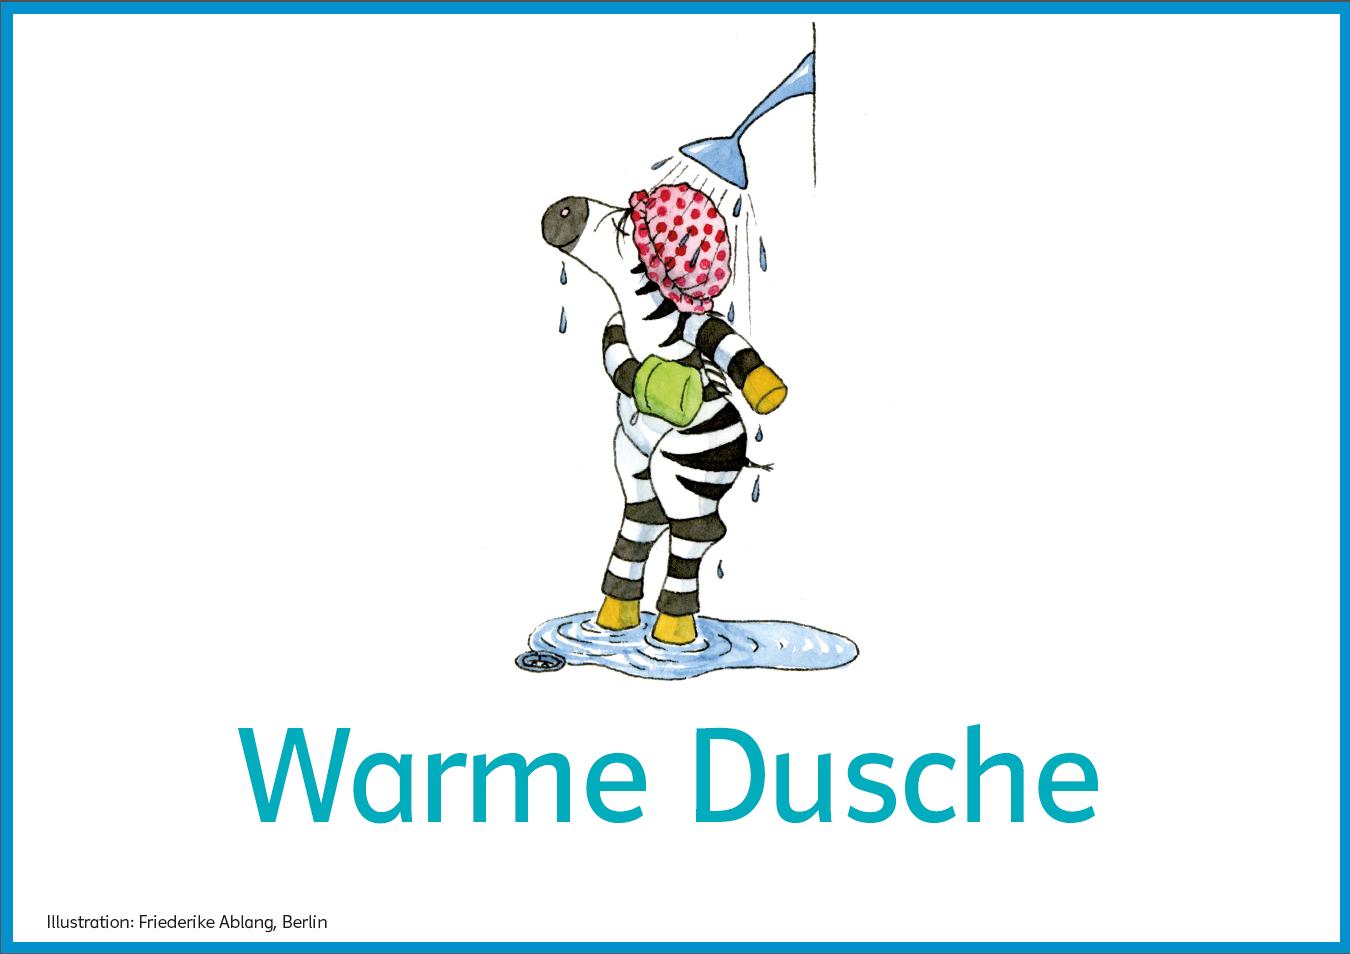 """Achtsamkeitstraining, Kartei, Beispielübung """"Warme Dusche"""""""